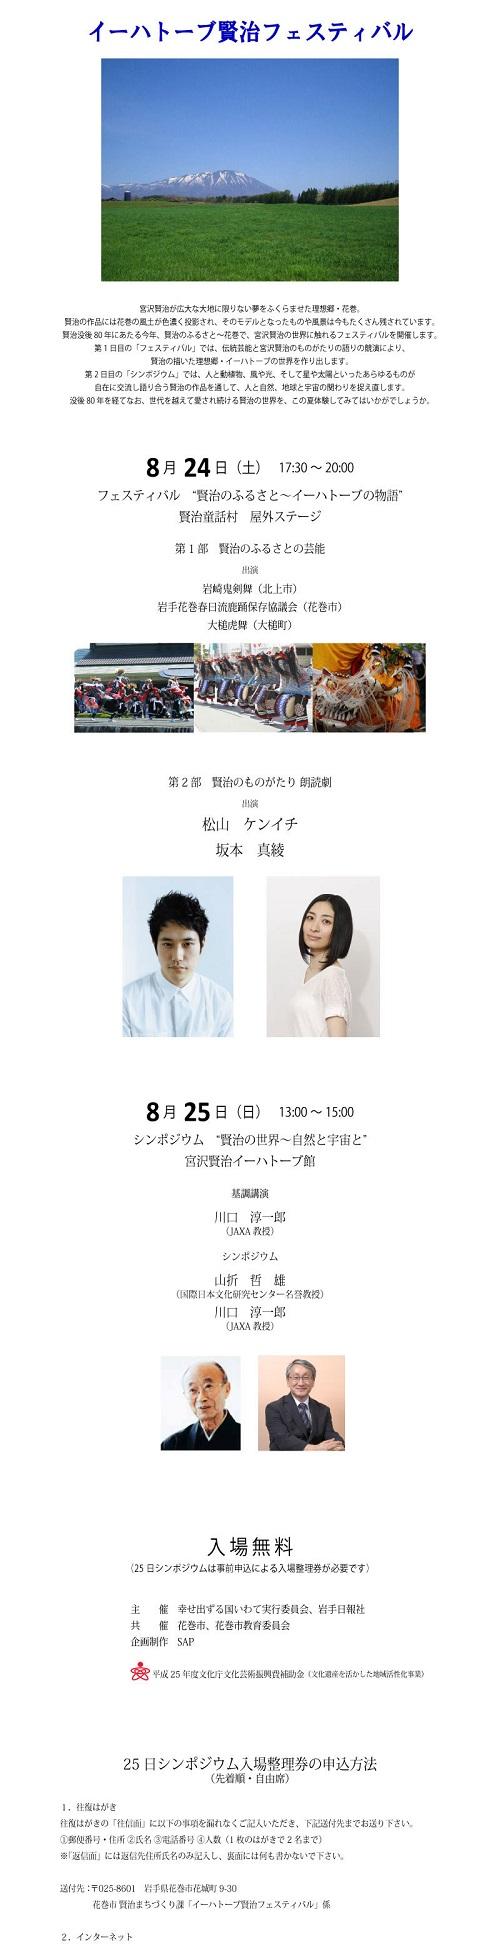 hanamaki_r1_c1.jpg